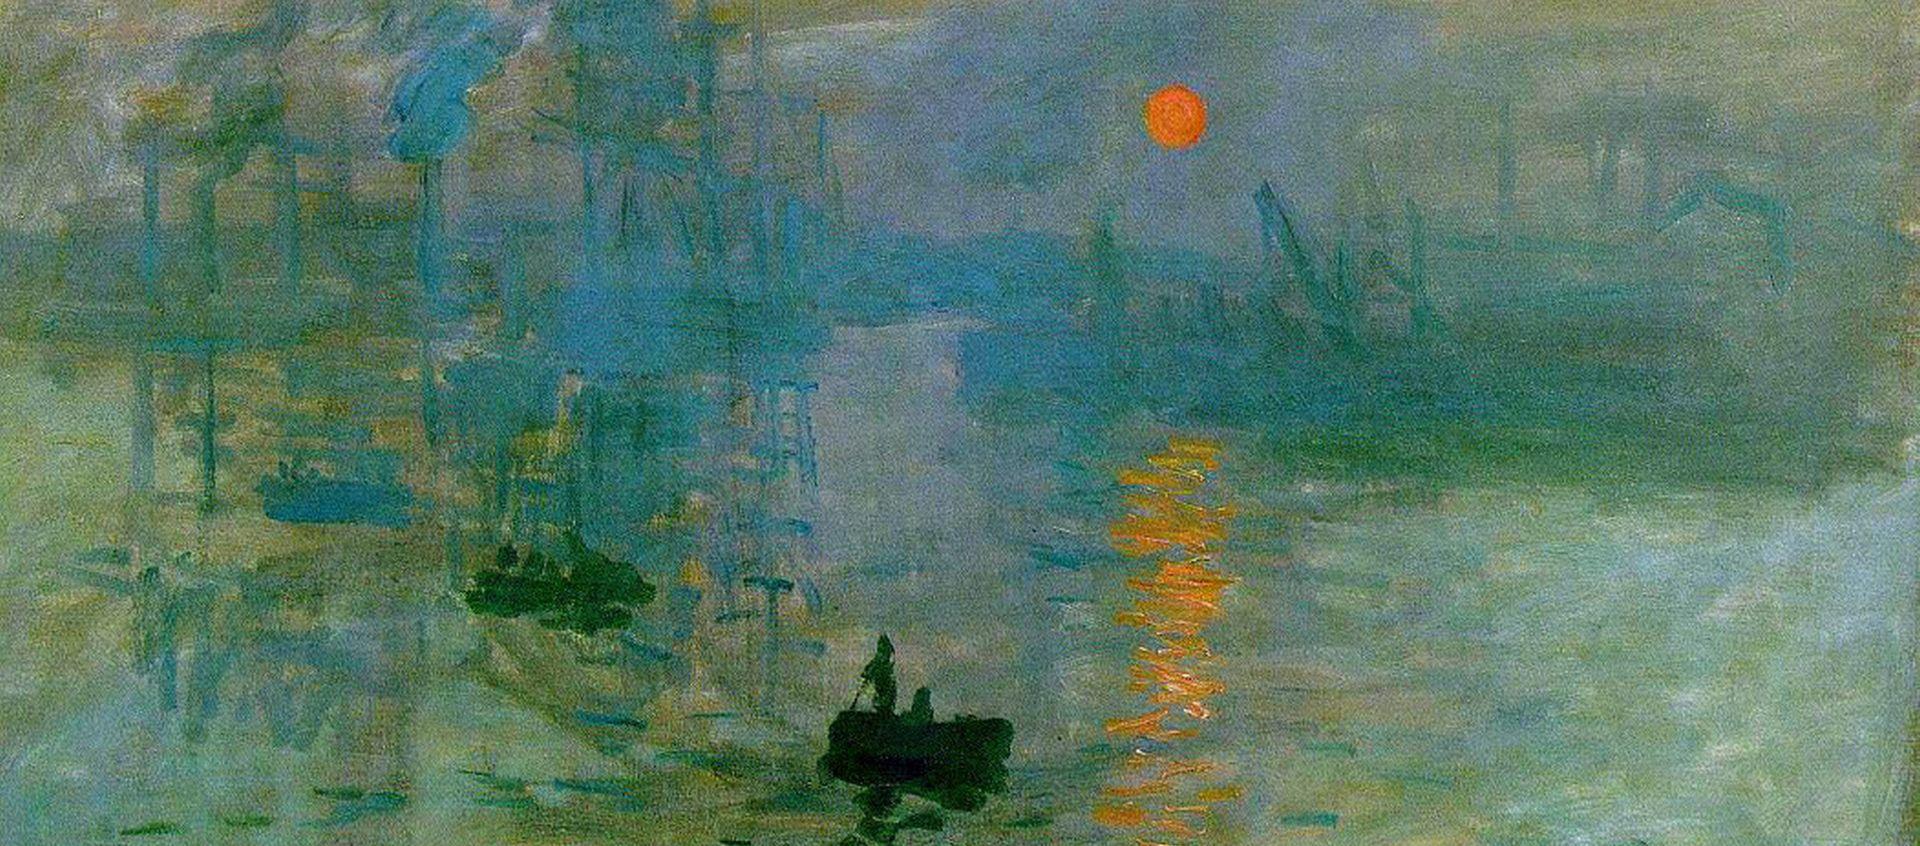 O Impressionismo nasceu no mar